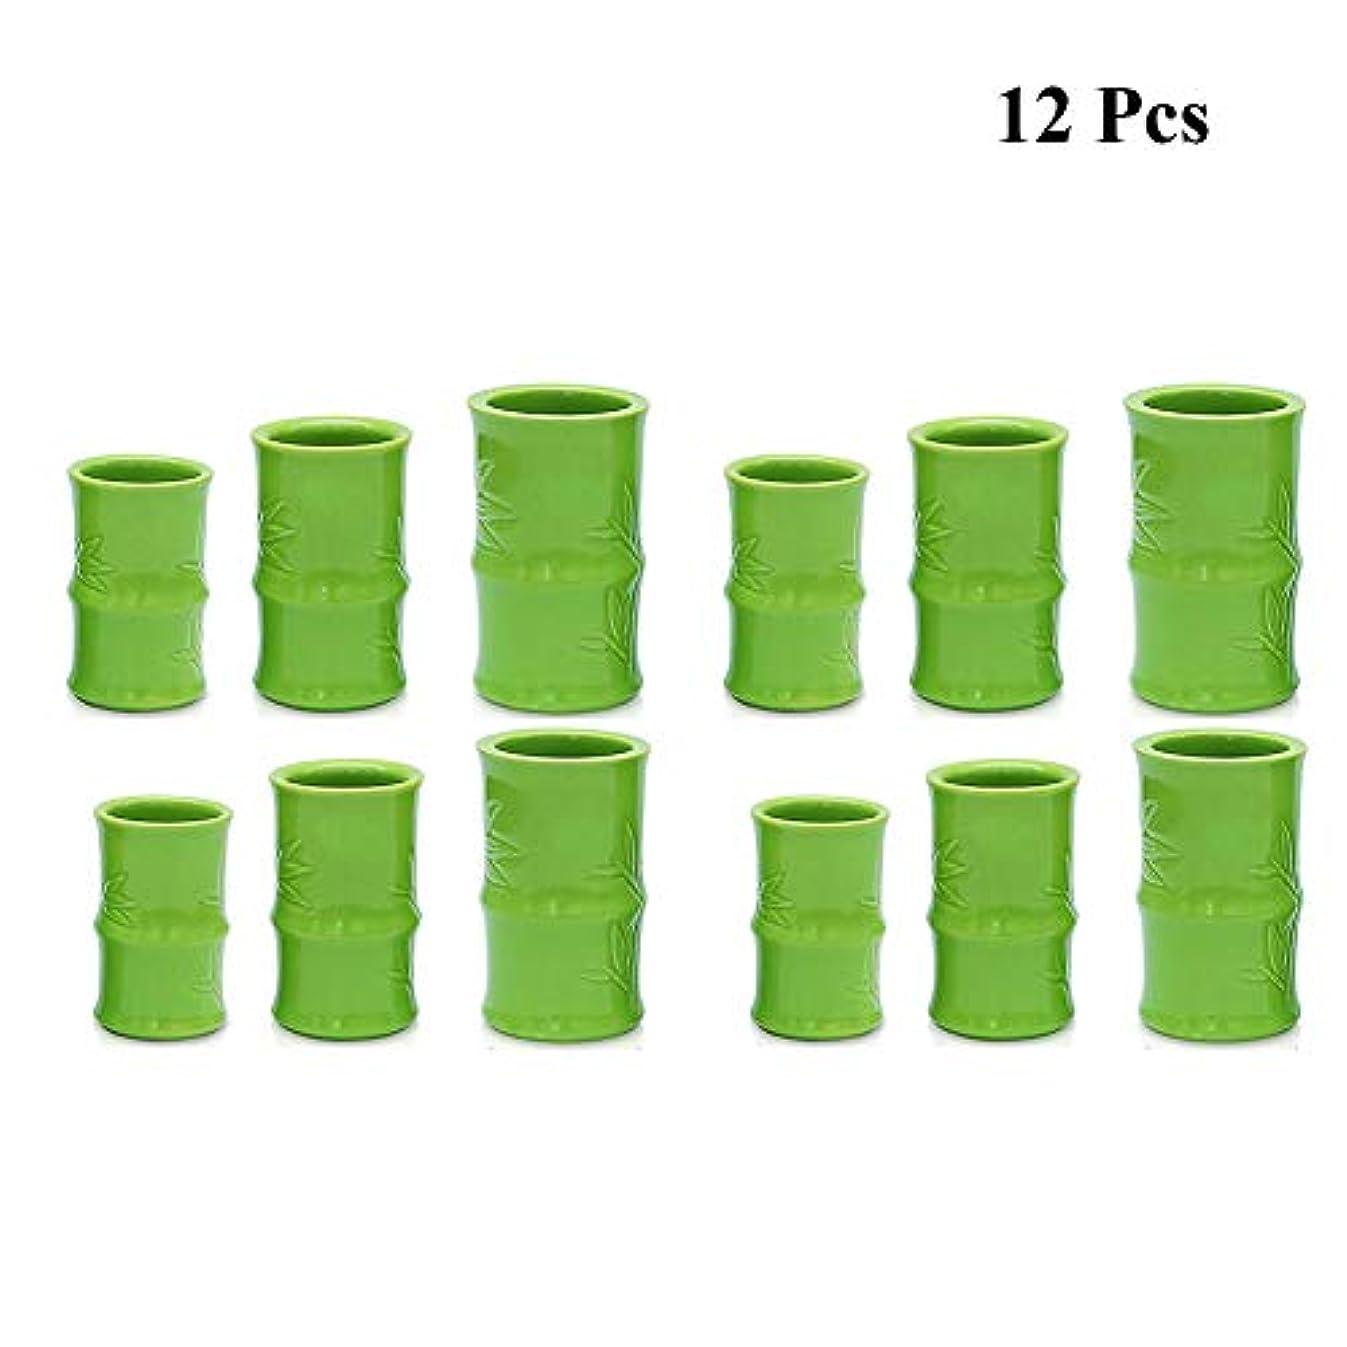 真空カッピングマッサージ療法セット - 陶磁器の鍋缶 - 鍼ボディセラピーセット,D12pcs